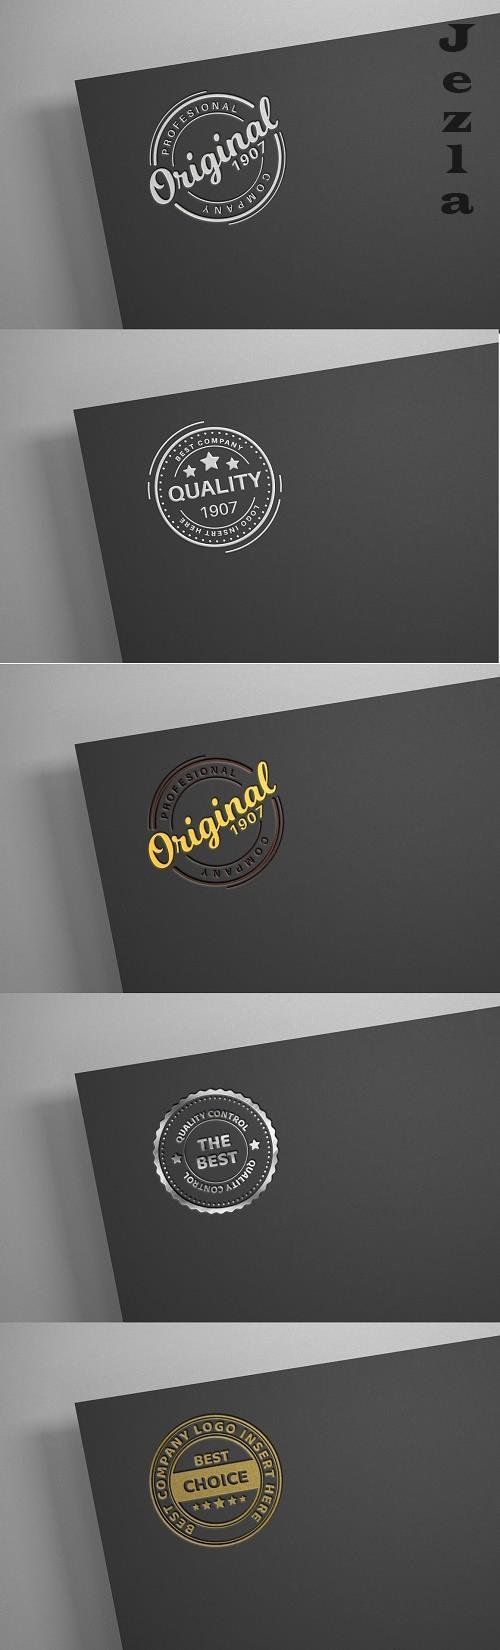 White logo on black paper - mockup - 6140325